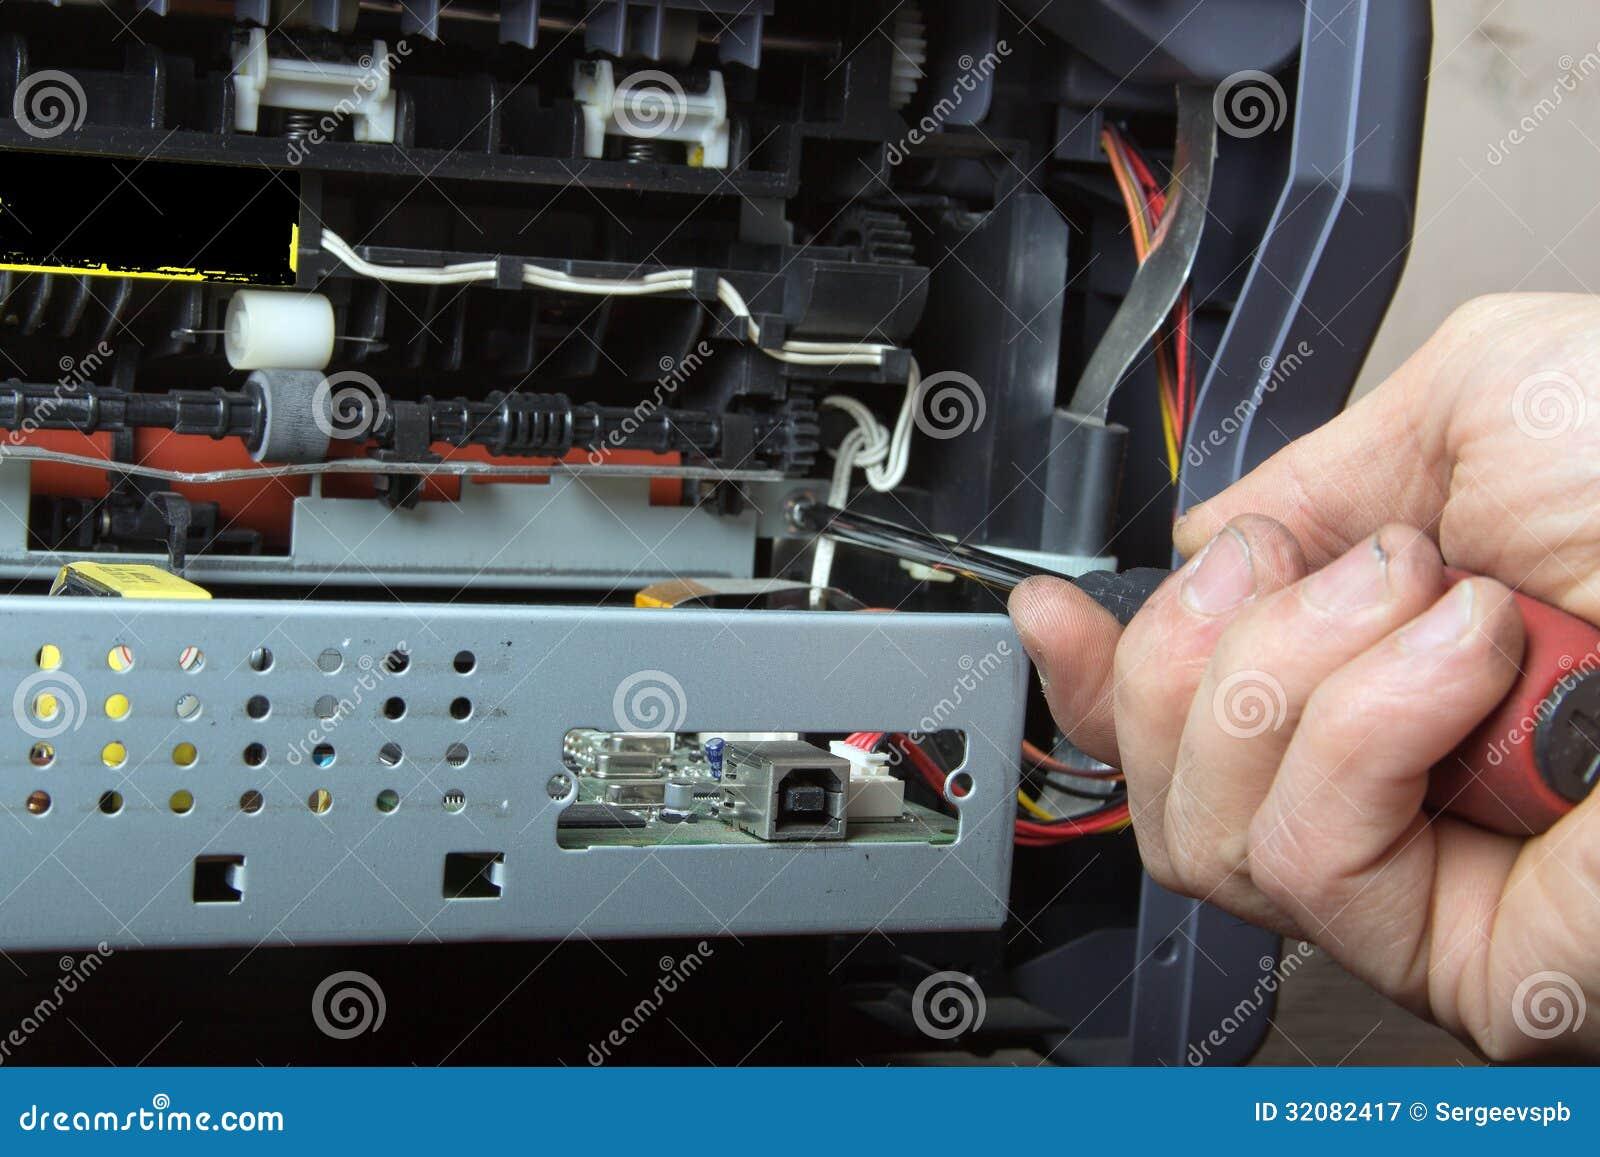 修理激光打印机的人的手